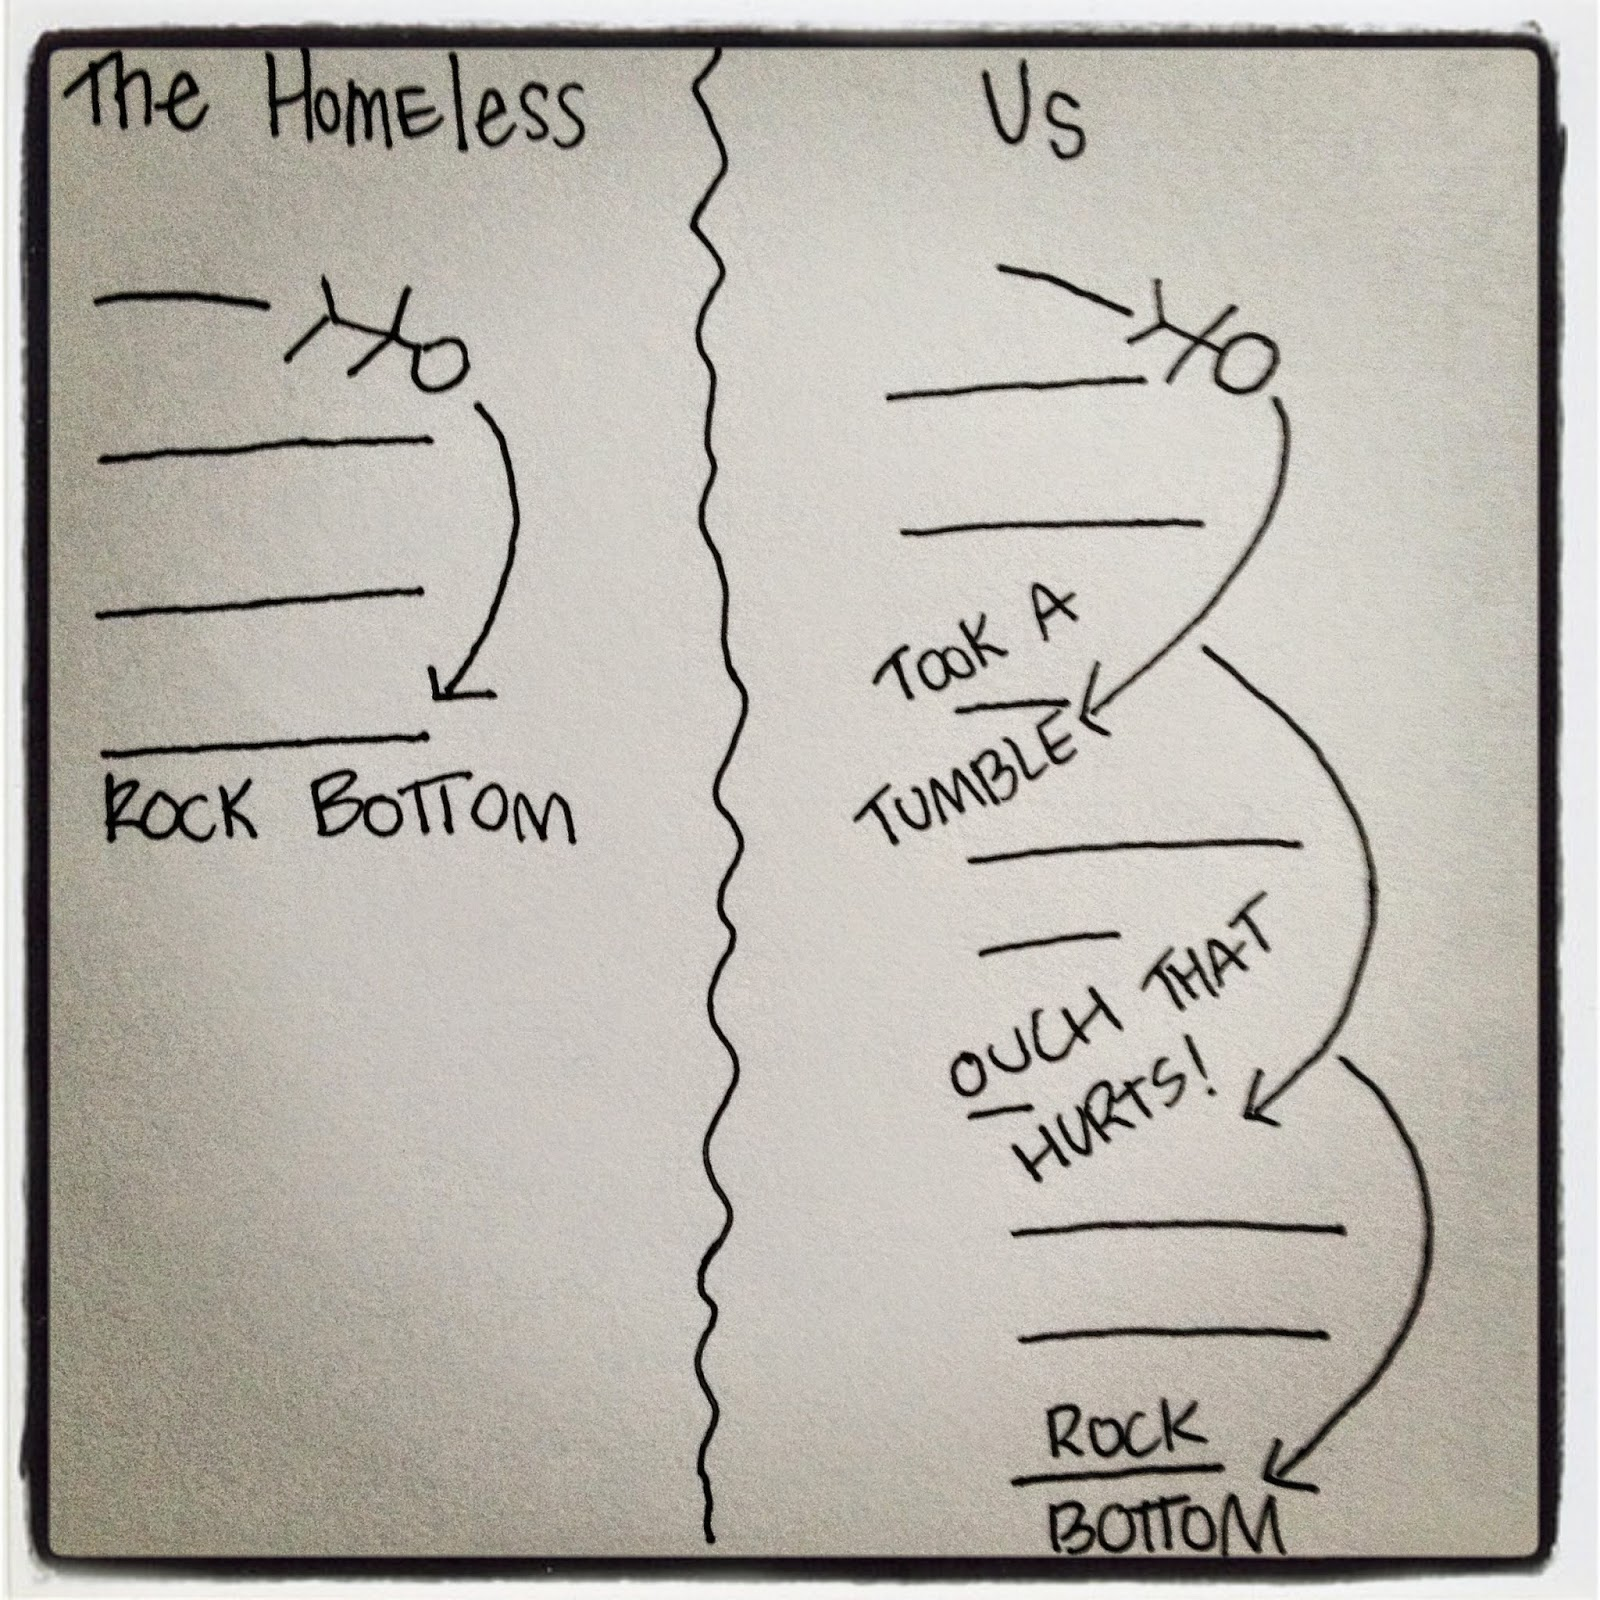 the+homeless+v+us+when+we+fall.jpg